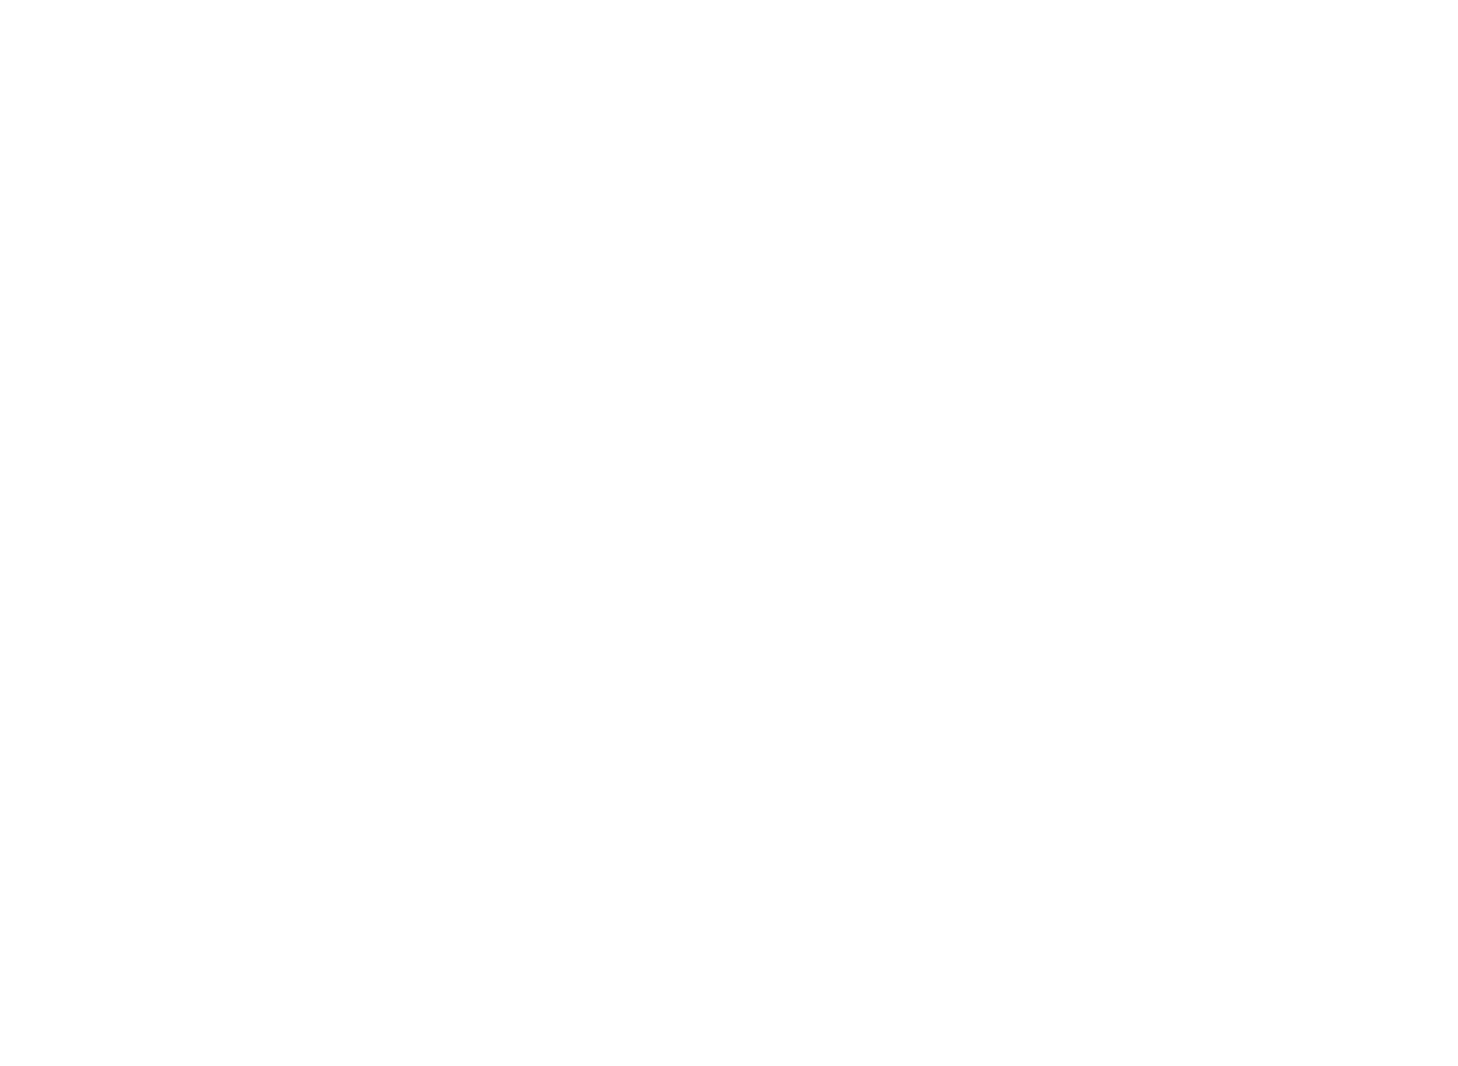 logo-blanc-fondBLANC